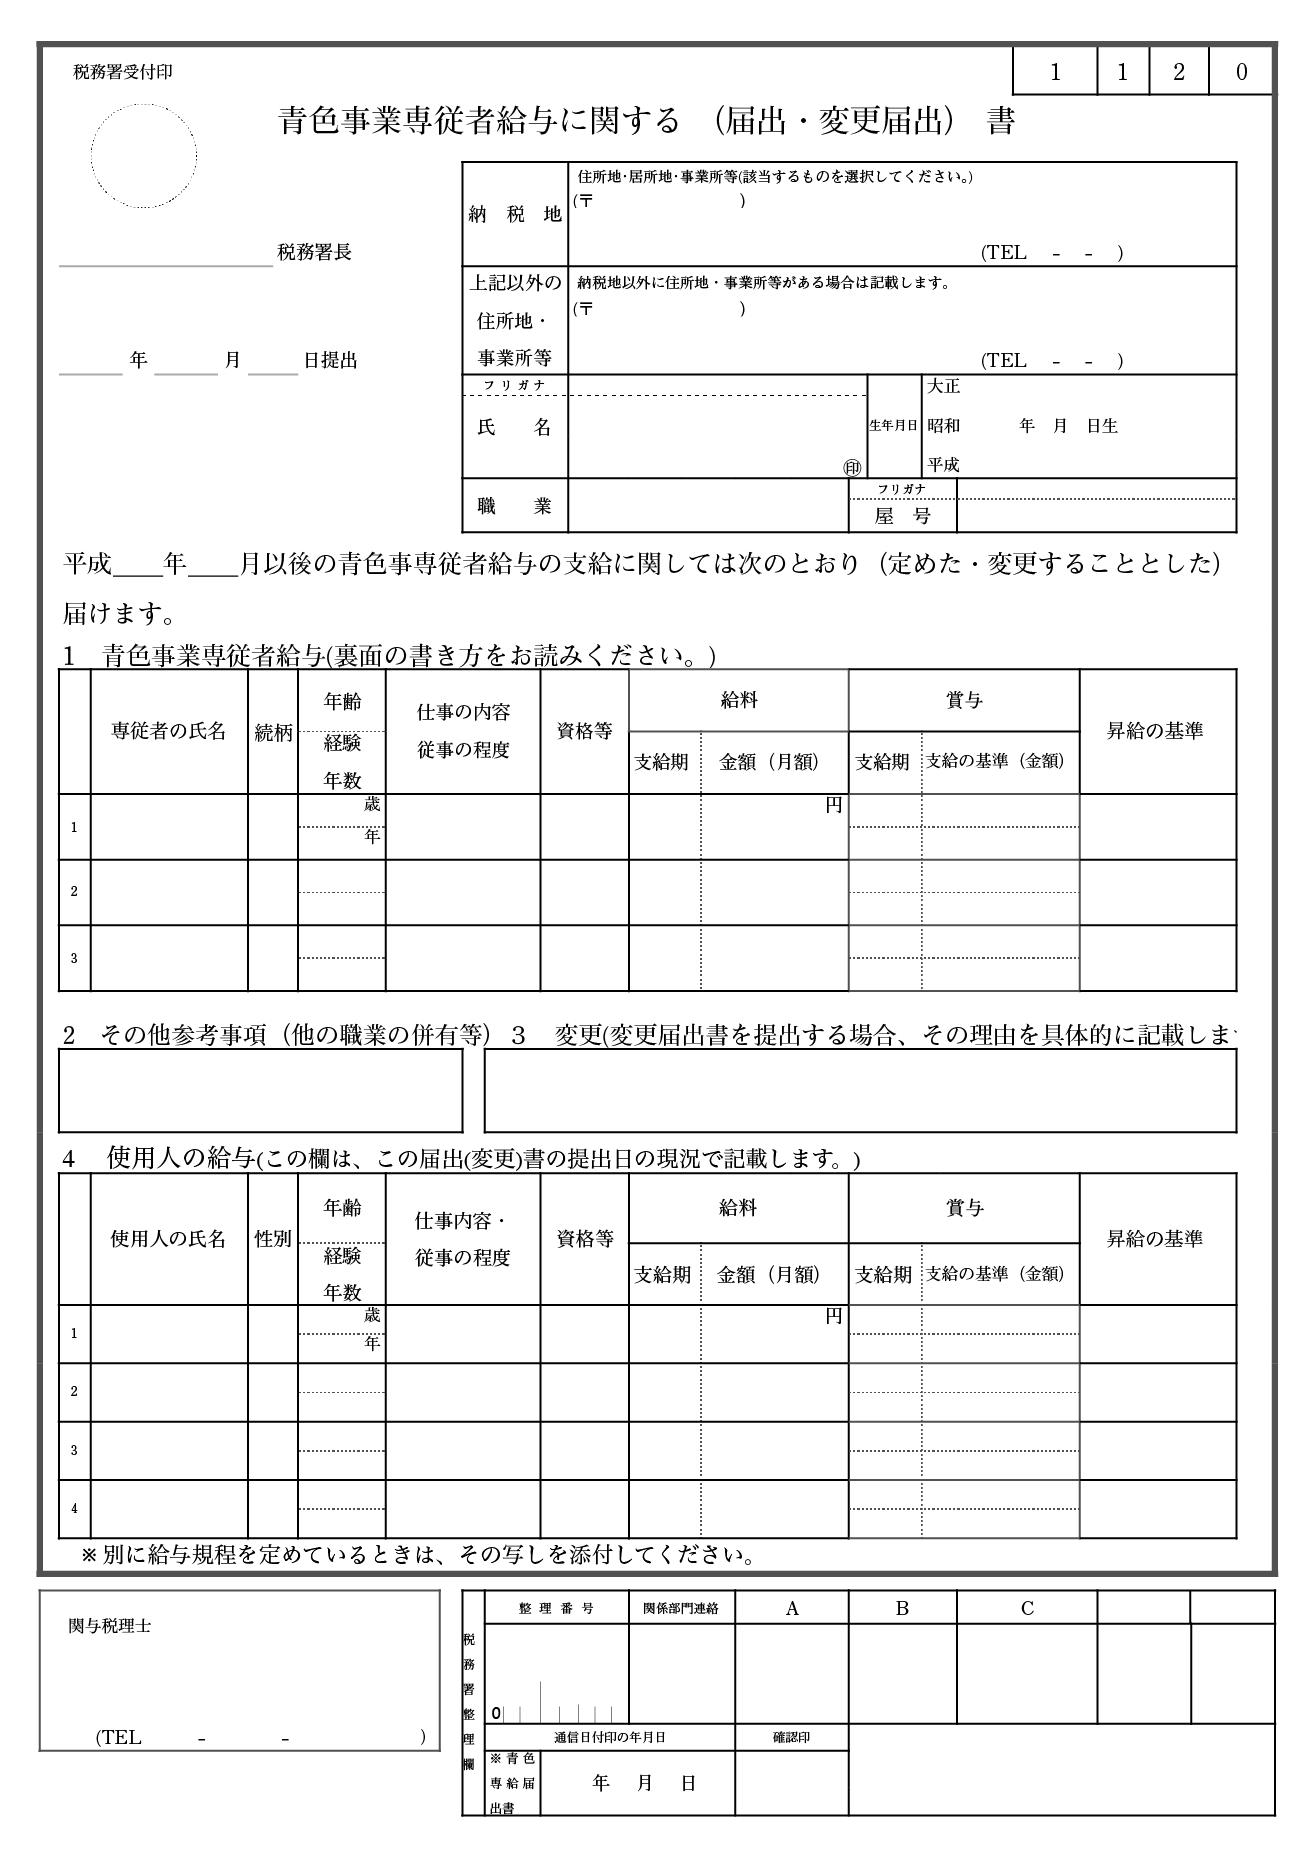 専従者給与の届出/変更テンプレート(エクセル・ナンバーズ)